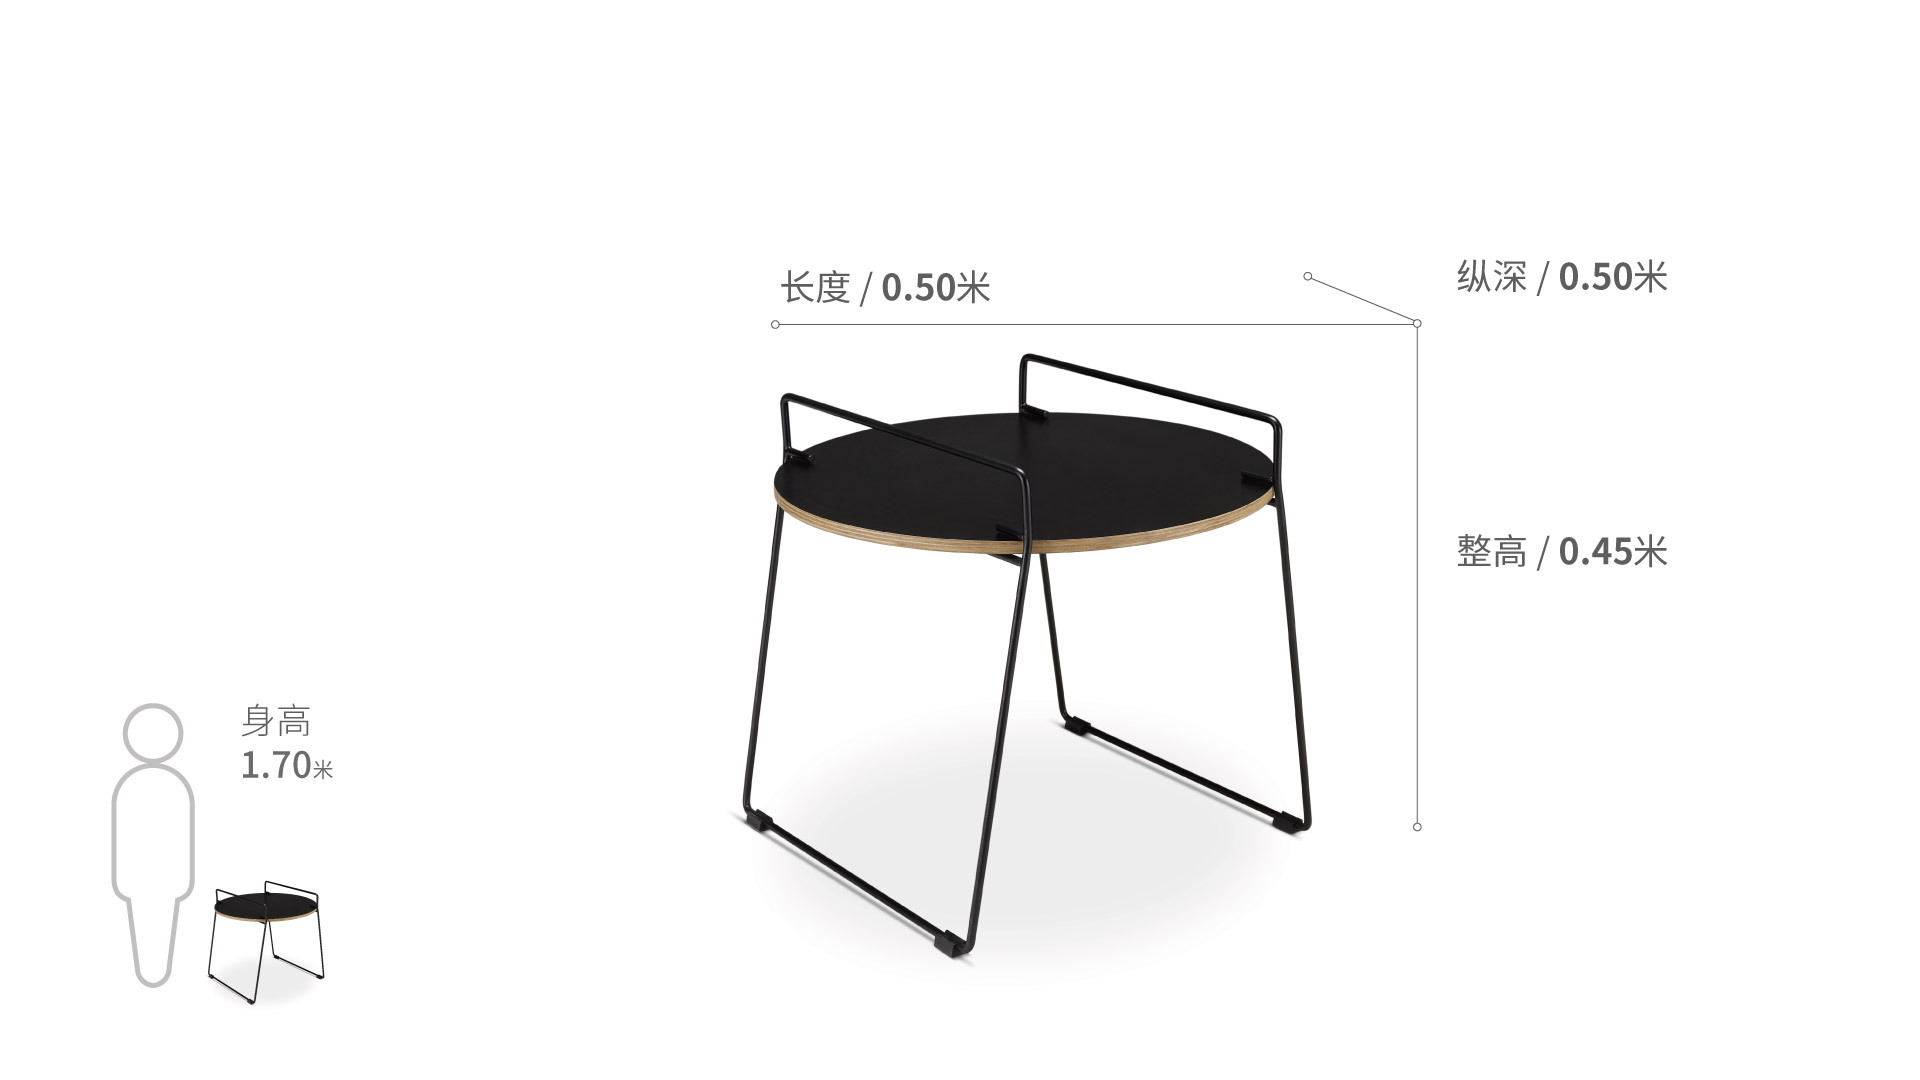 线框手提式茶几单层茶几桌几效果图